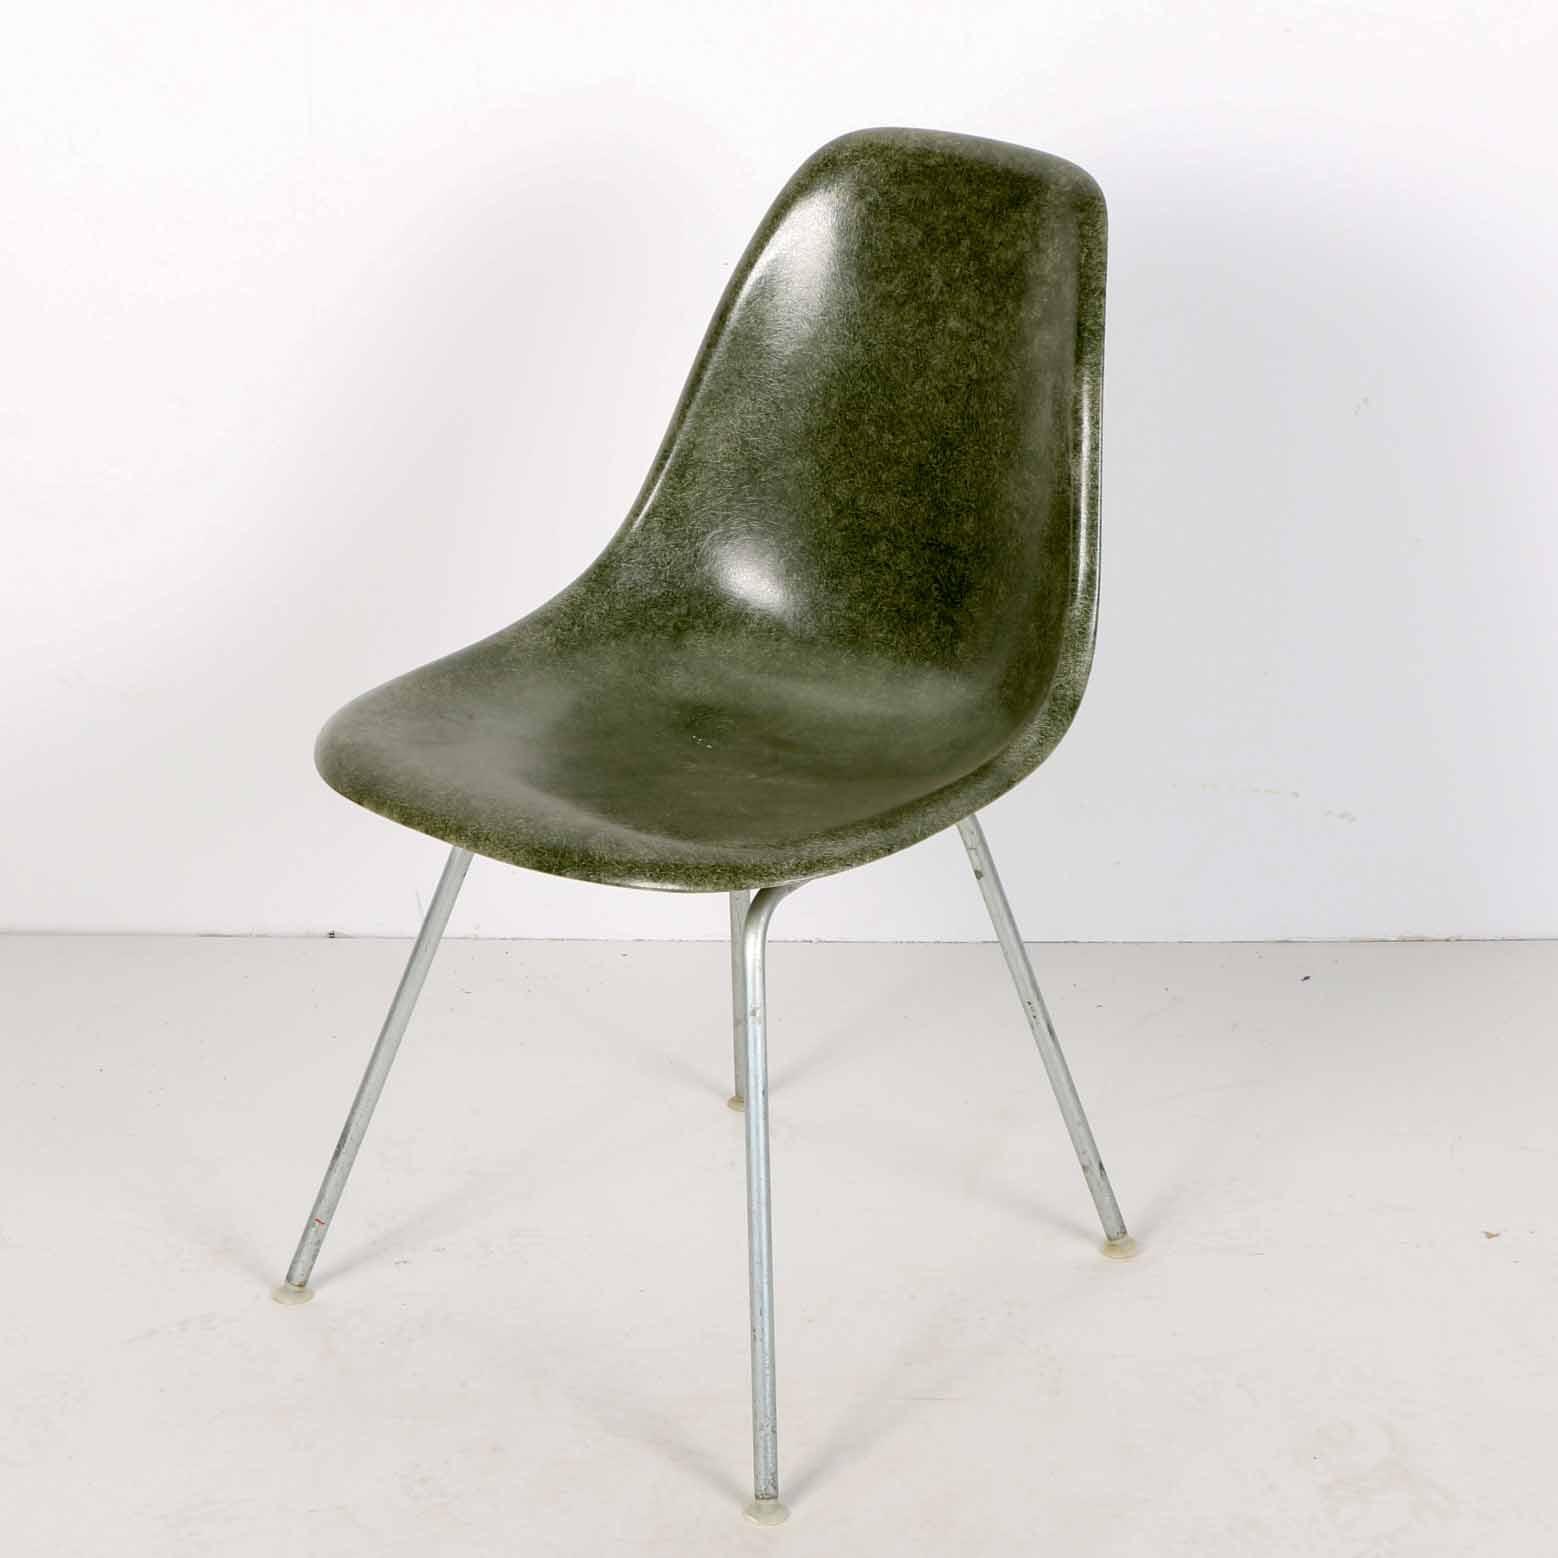 mid century modern herman miller eames shell chair - Herman Miller Eames Chair